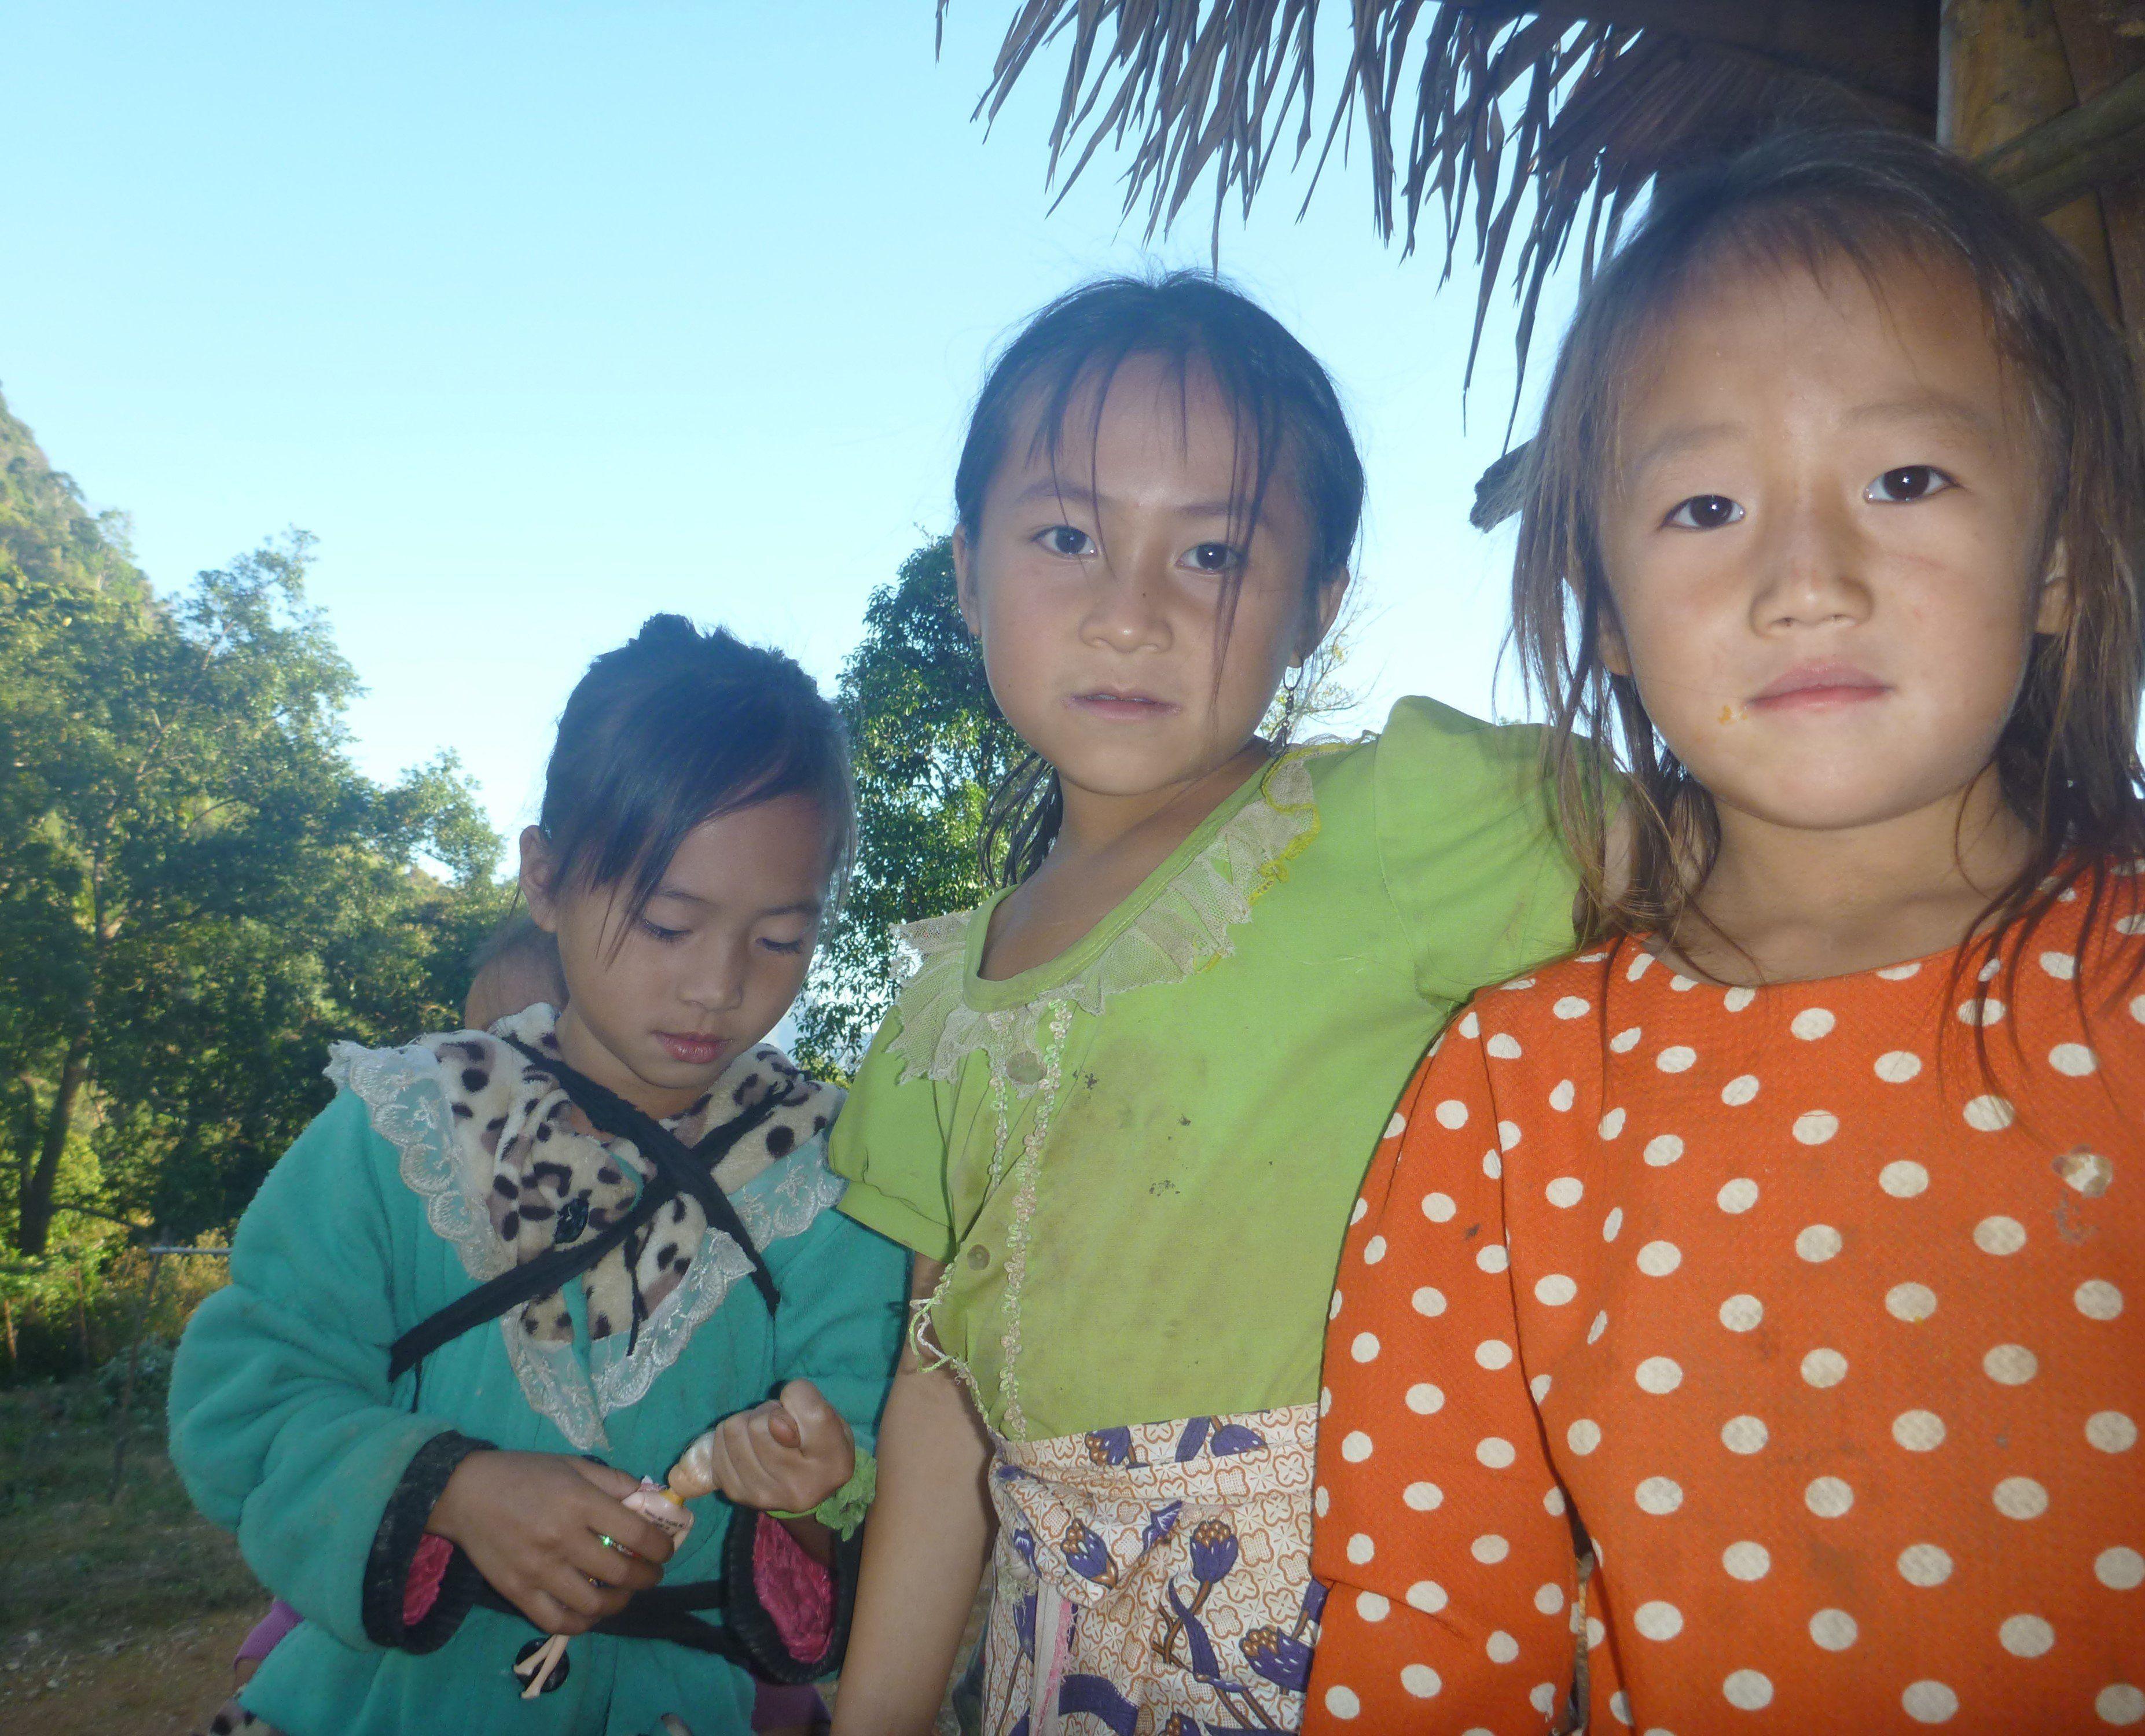 Dolce reccomend Hidden laos teen homemade